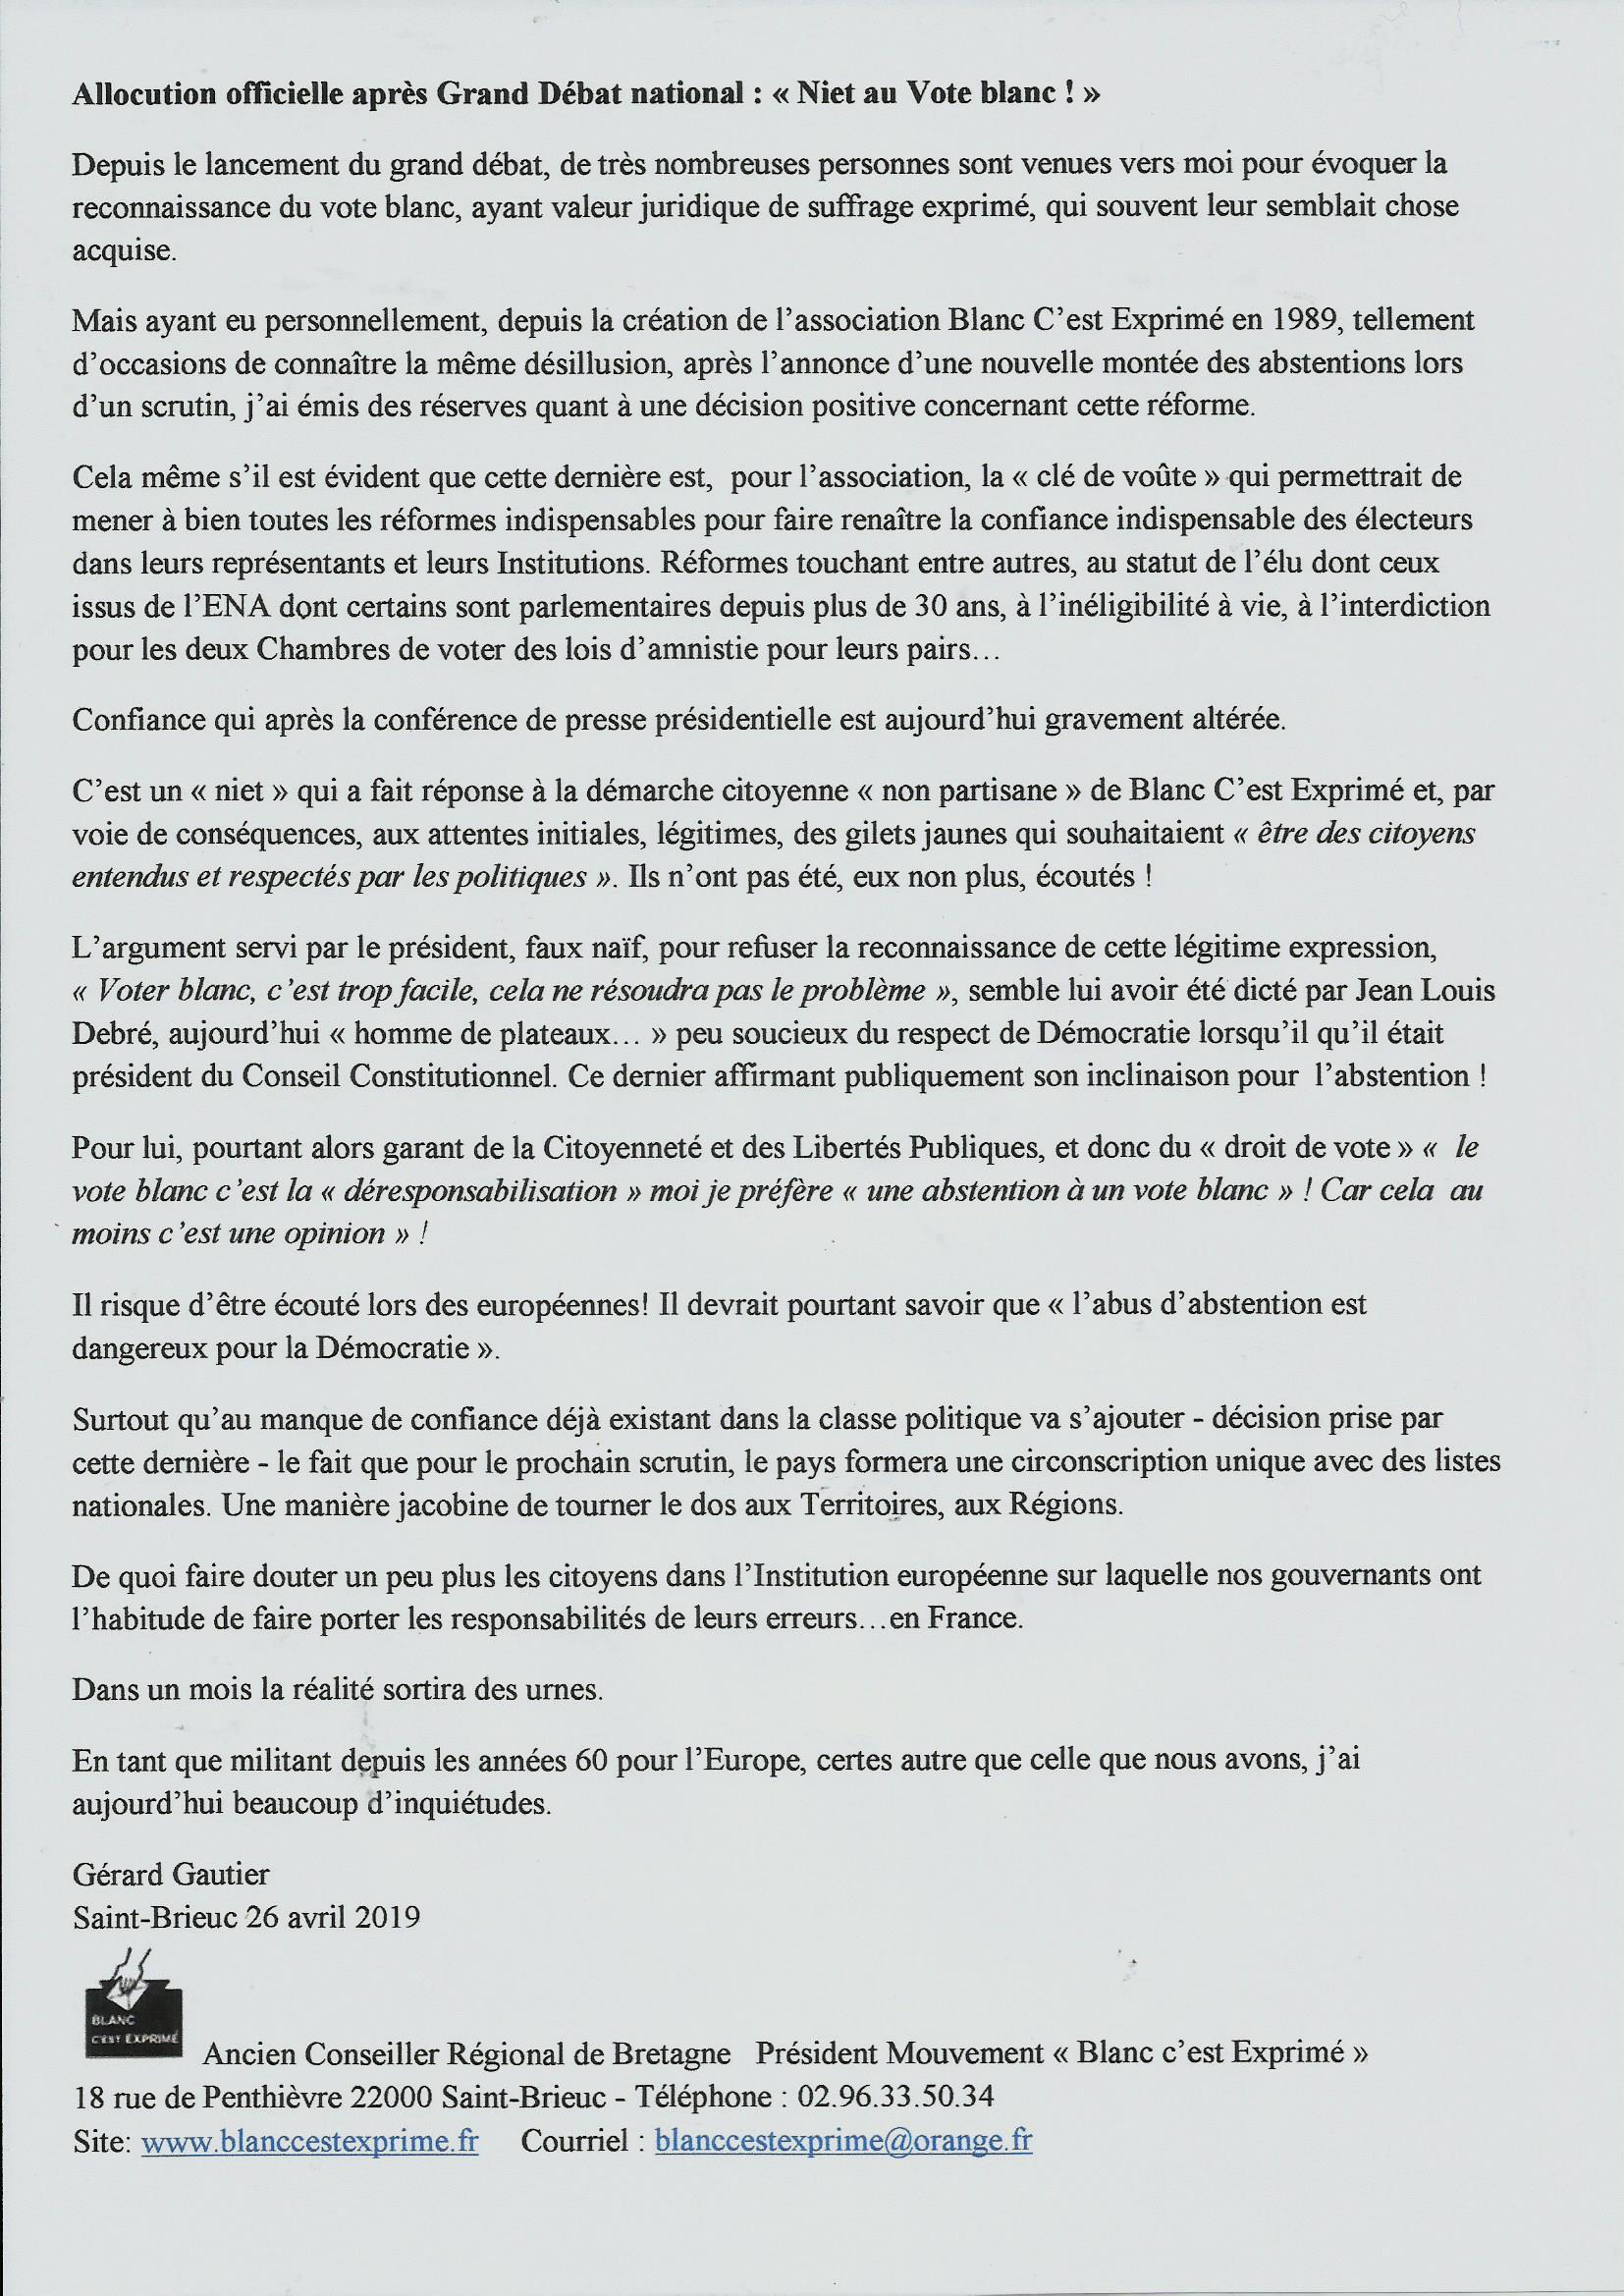 BCE DEMOCRATIE 2019 président MACRON Niet Vote Blanc